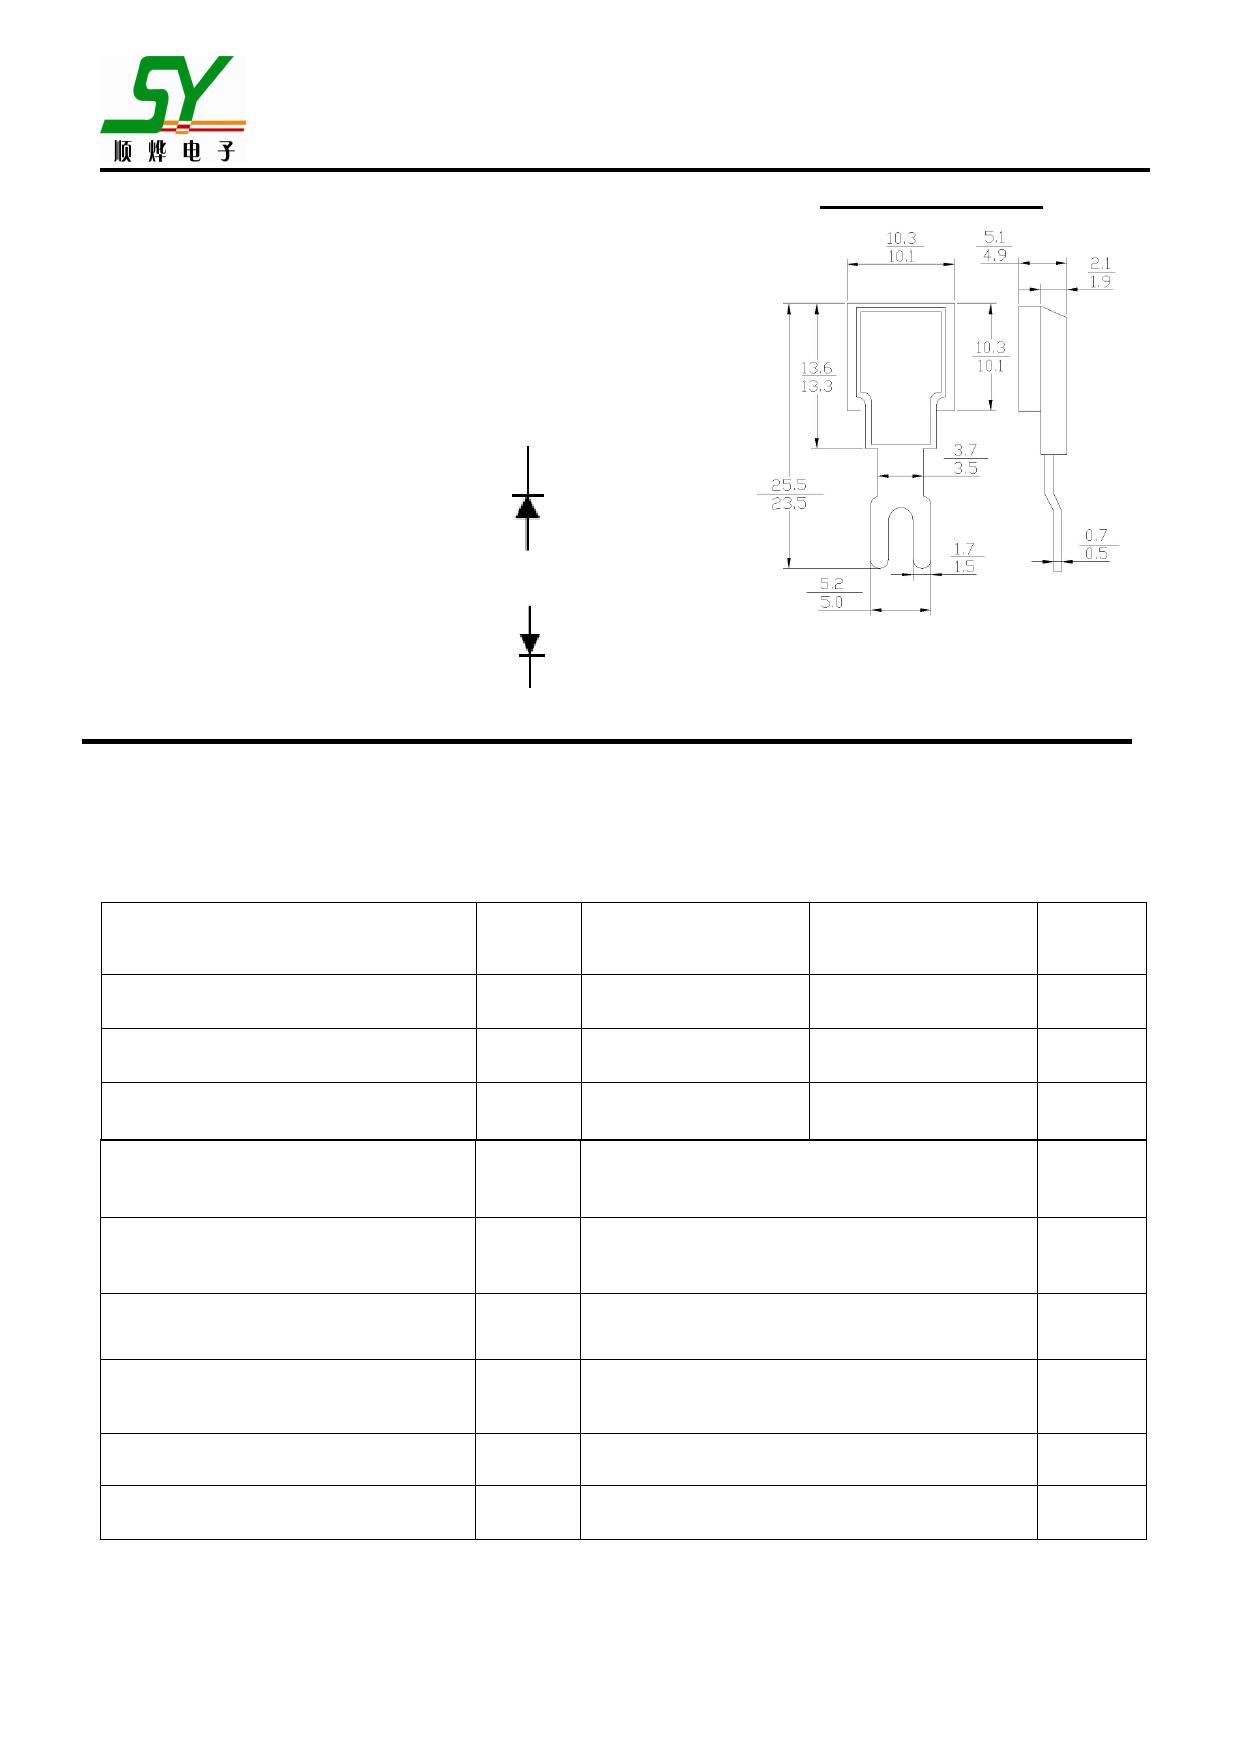 BD302P datasheet